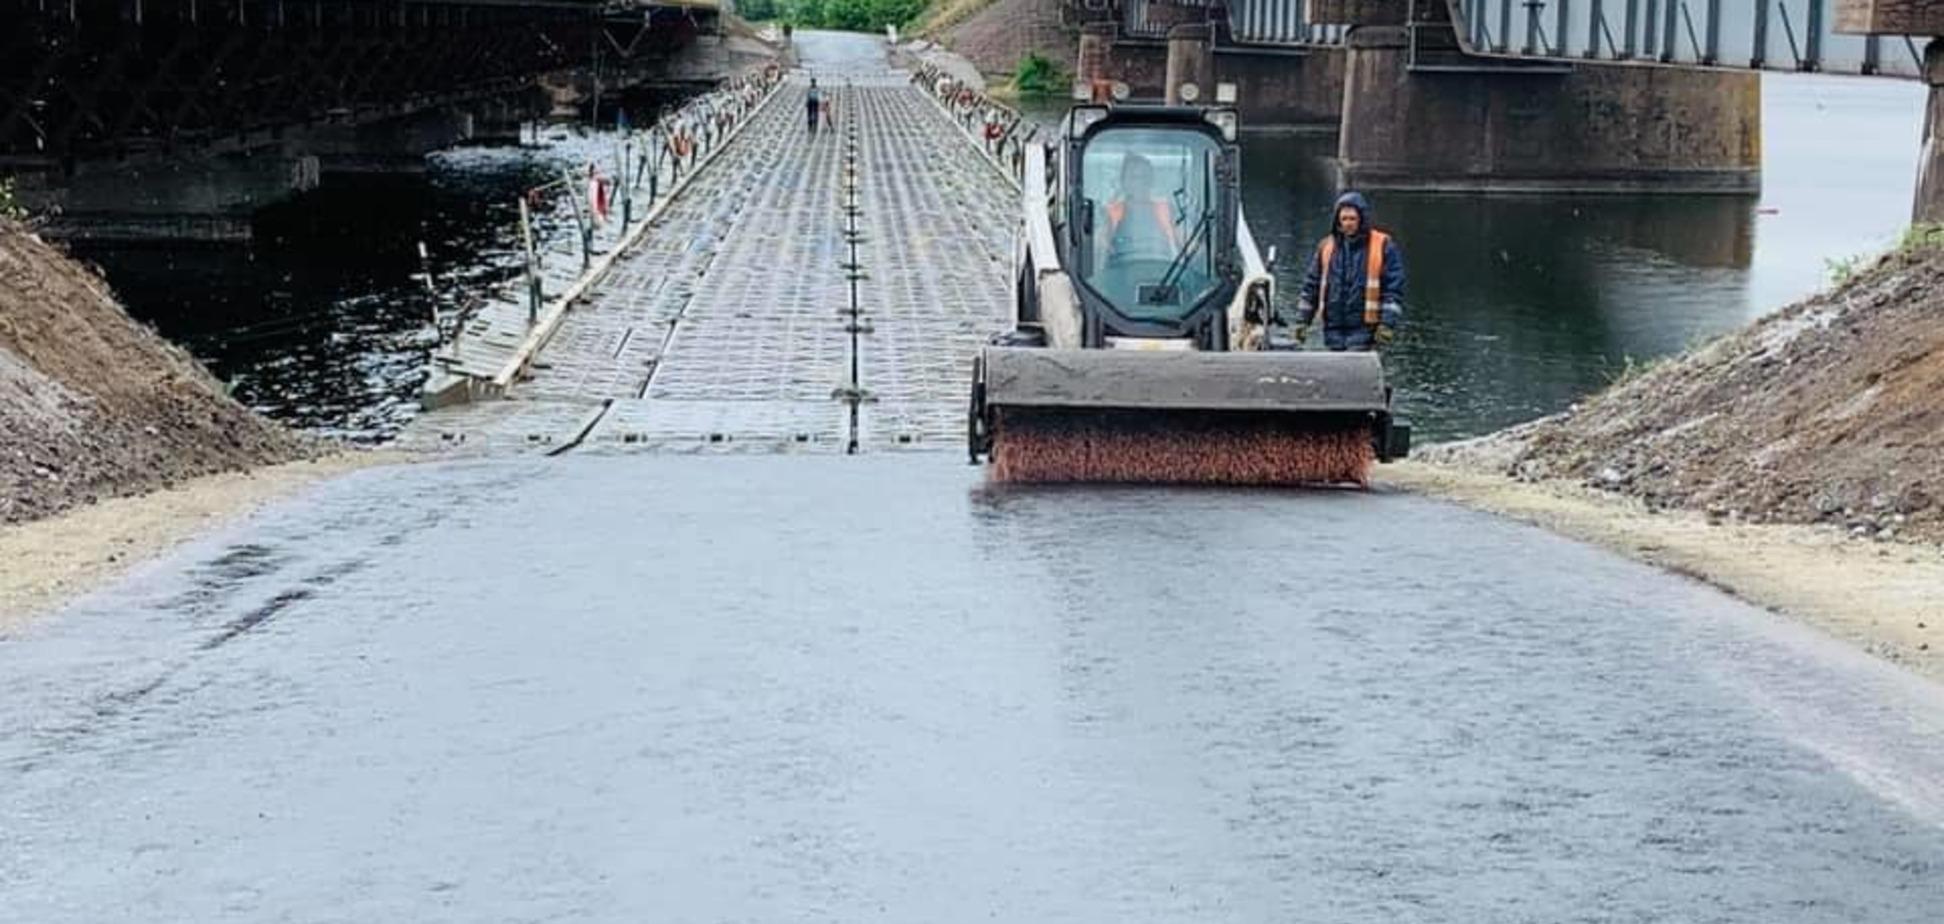 Обрушение моста под Днепром: стало известно, когда восстановят движение на возведенном понтоне